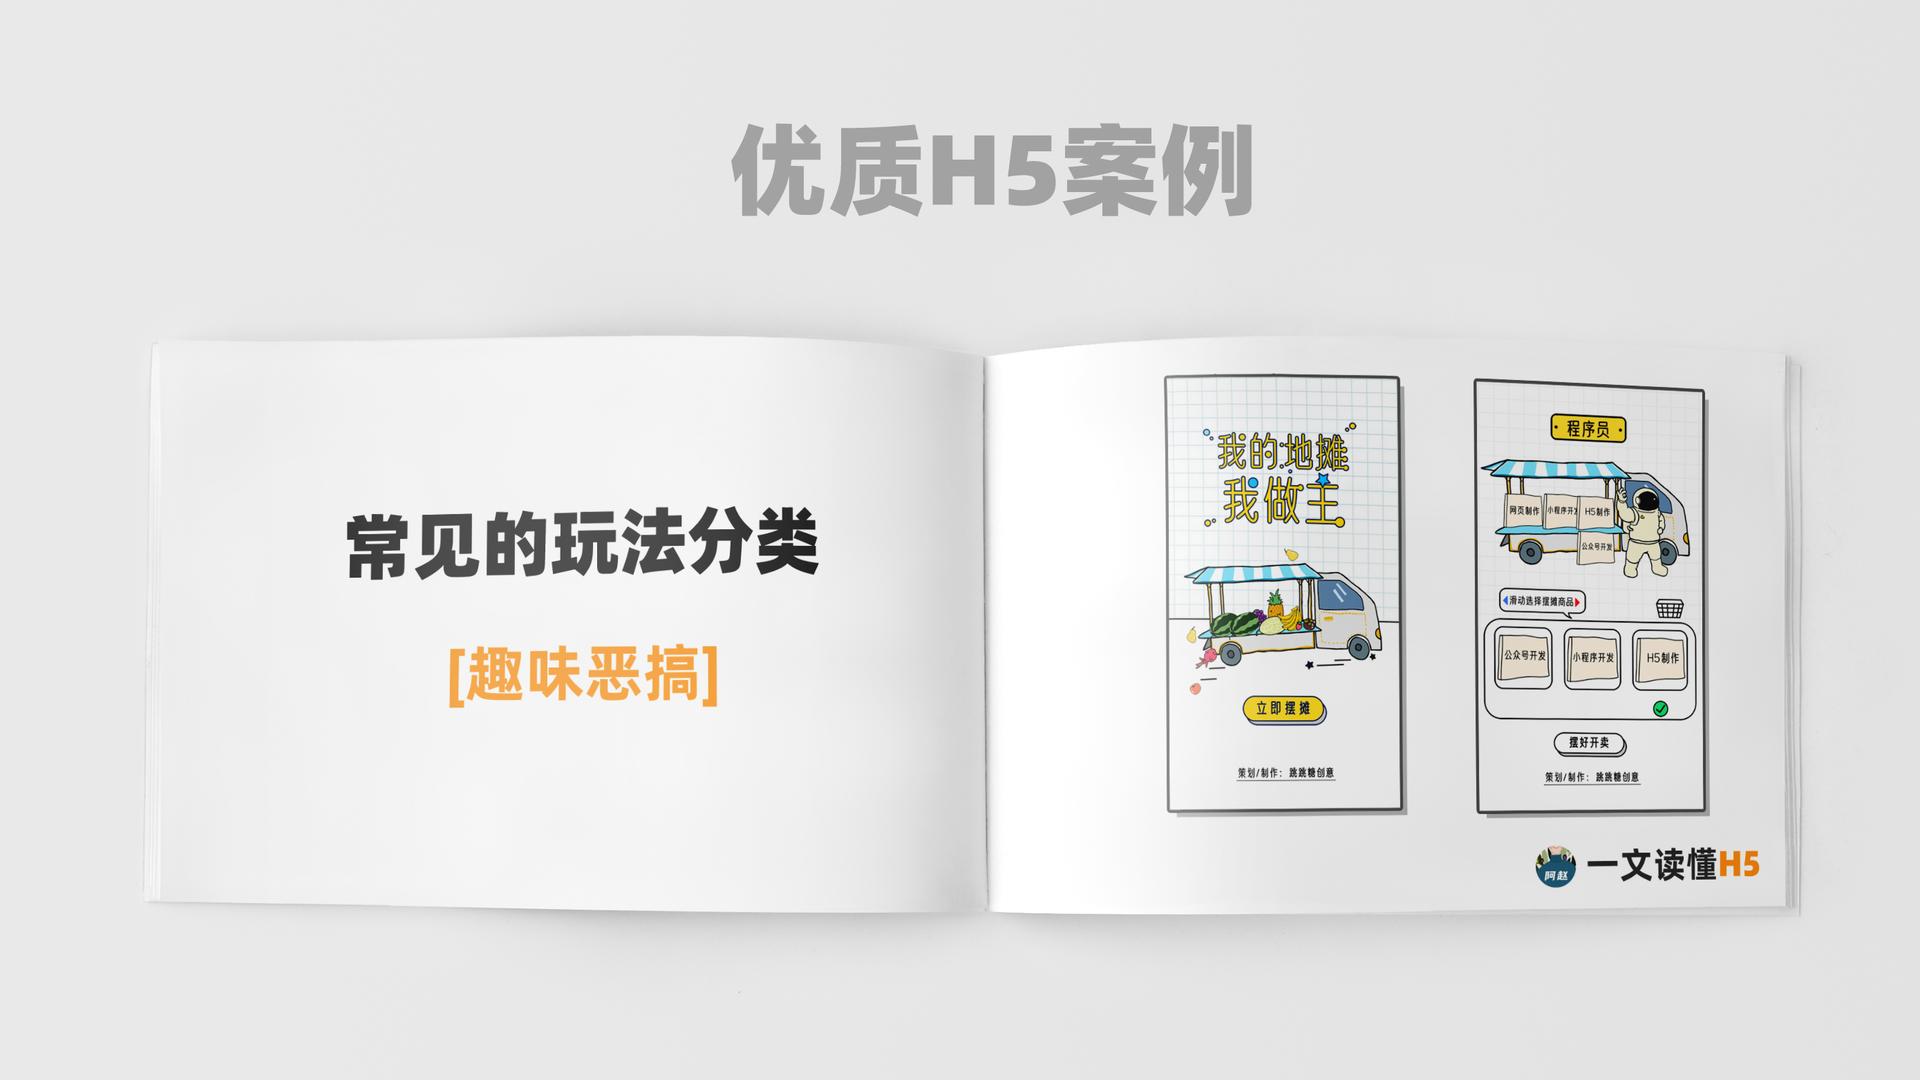 鸟哥笔记,效率工具,阿赵,工具